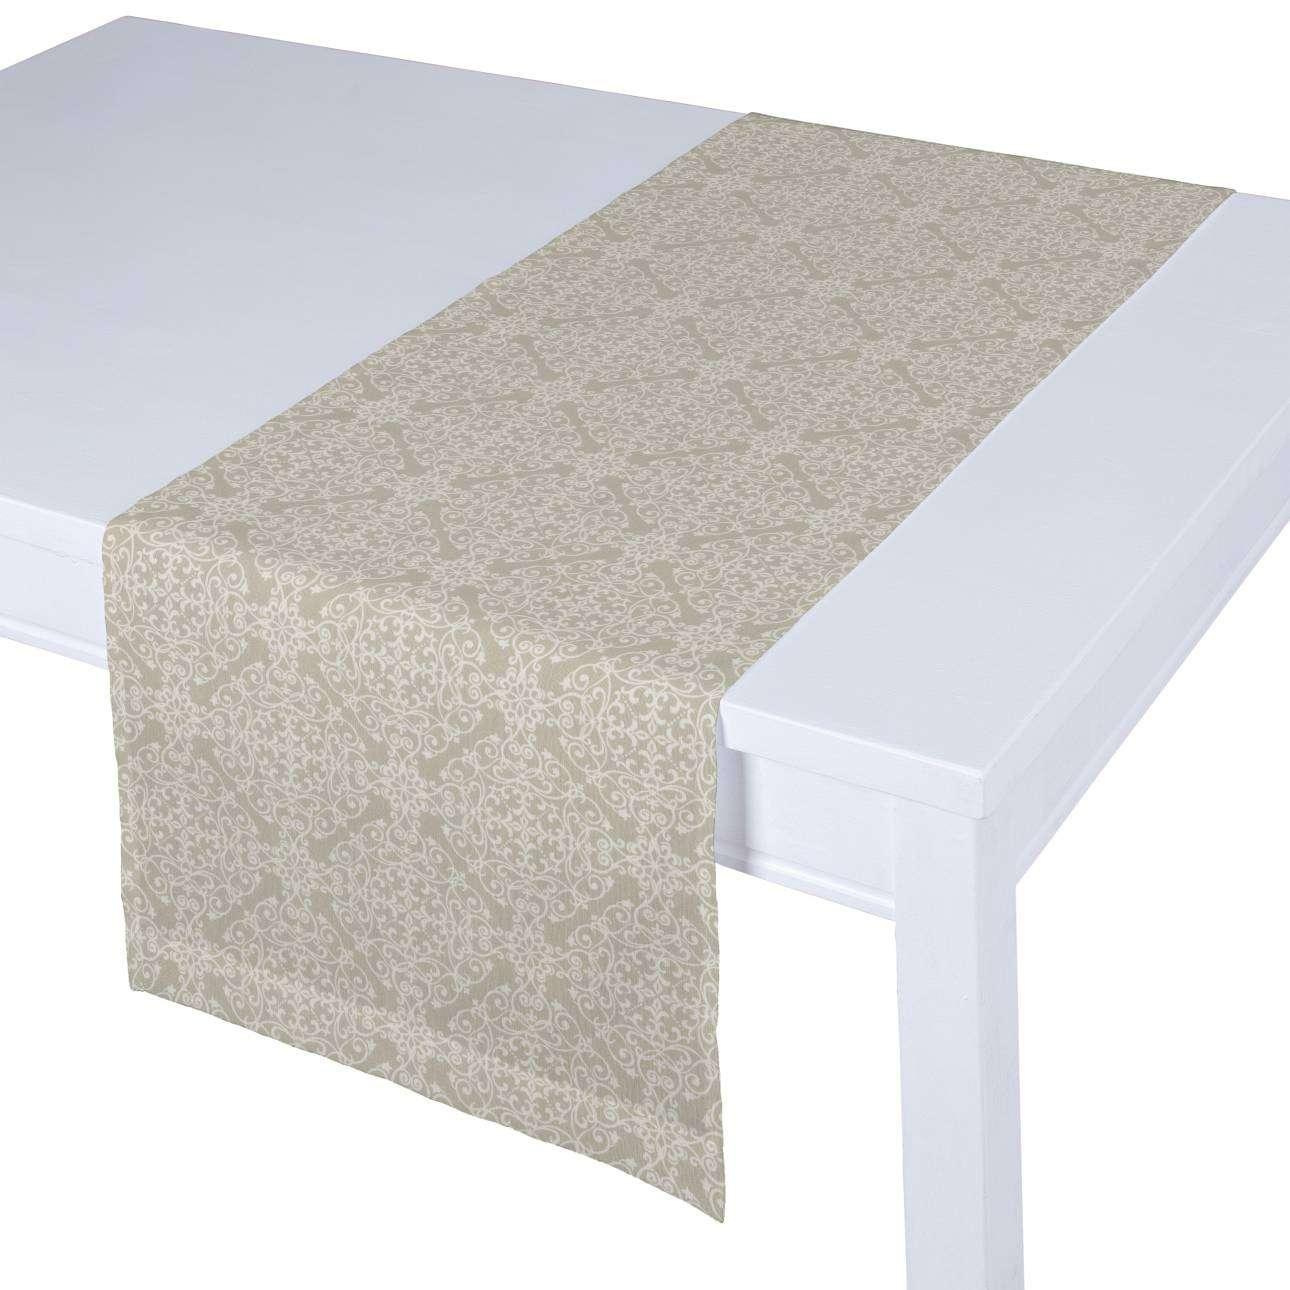 Rechteckiger Tischläufer 40 x 130 cm von der Kollektion Flowers/Luna, Stoff: 140-39